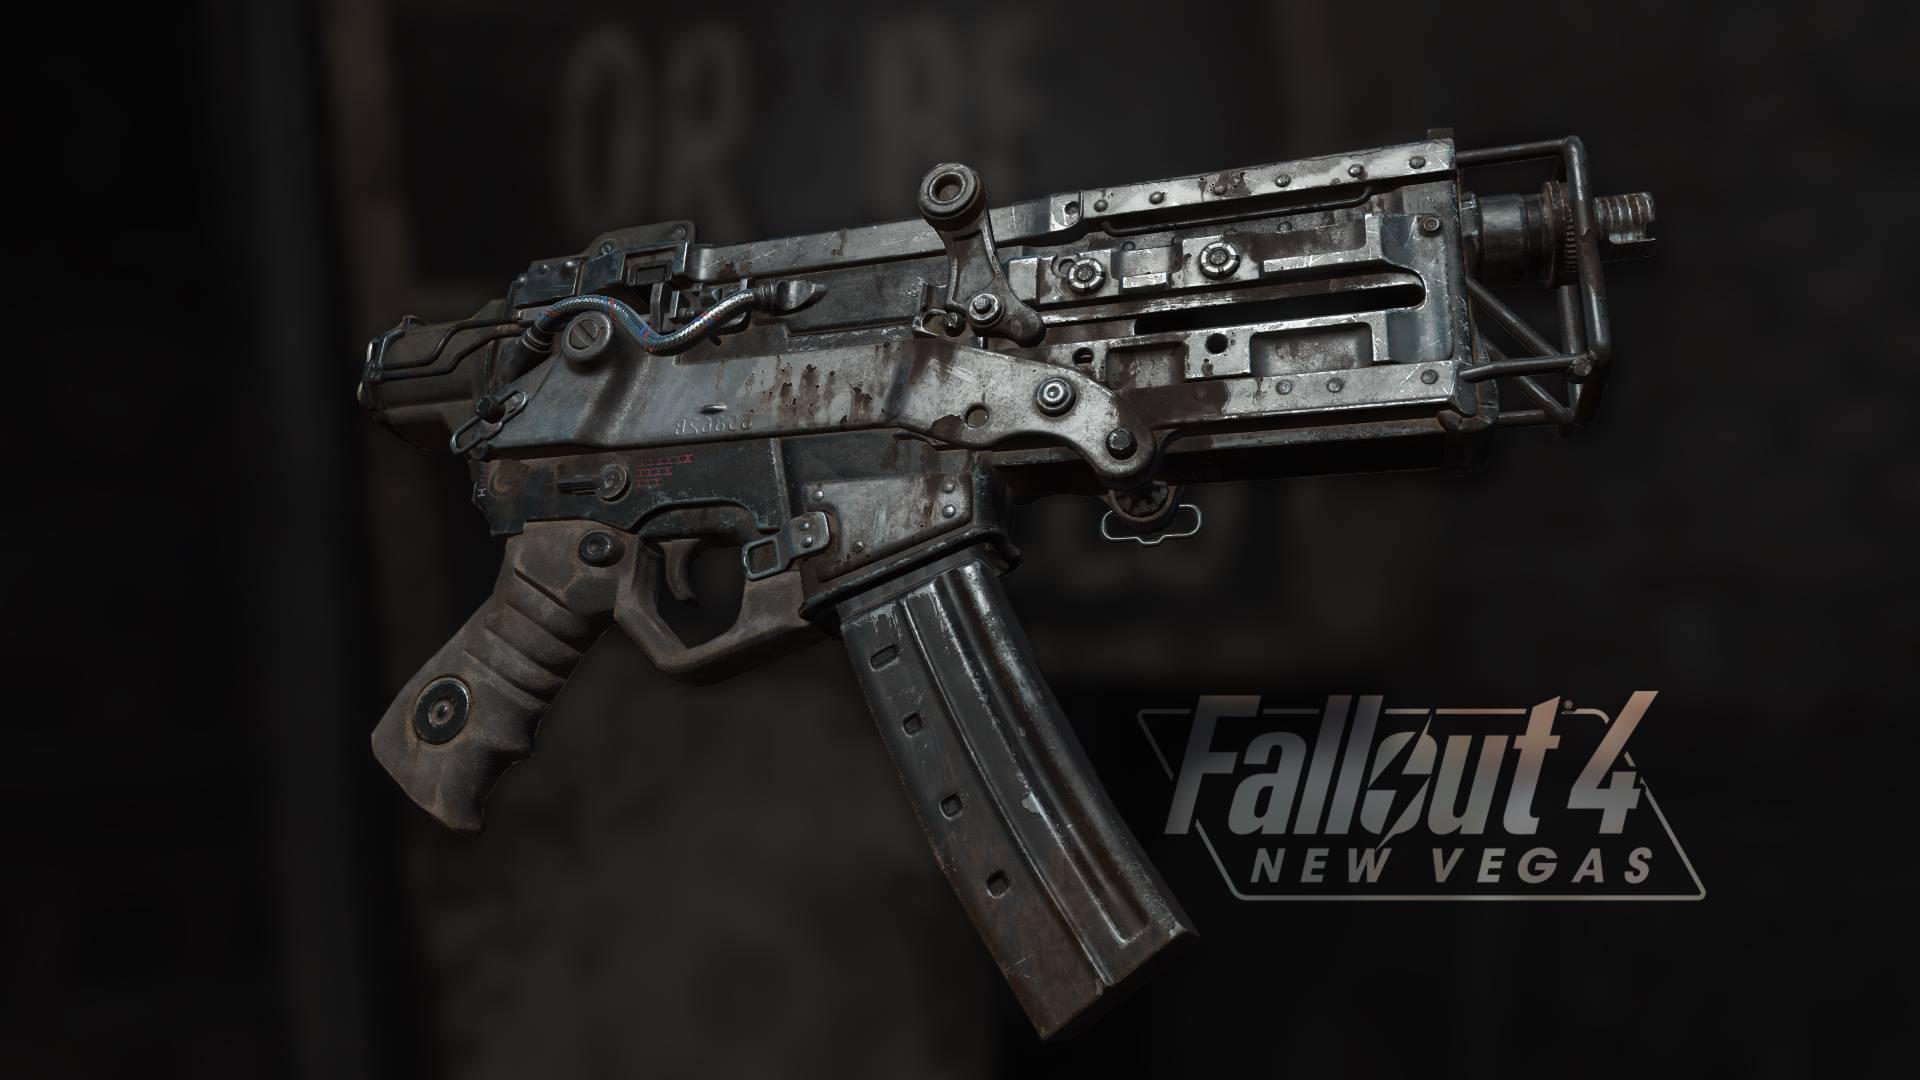 Работа над Fallout 4: New Vegas продолжается, ниже представлены стволы перенесенные из оригинально Fallout: New Vegas